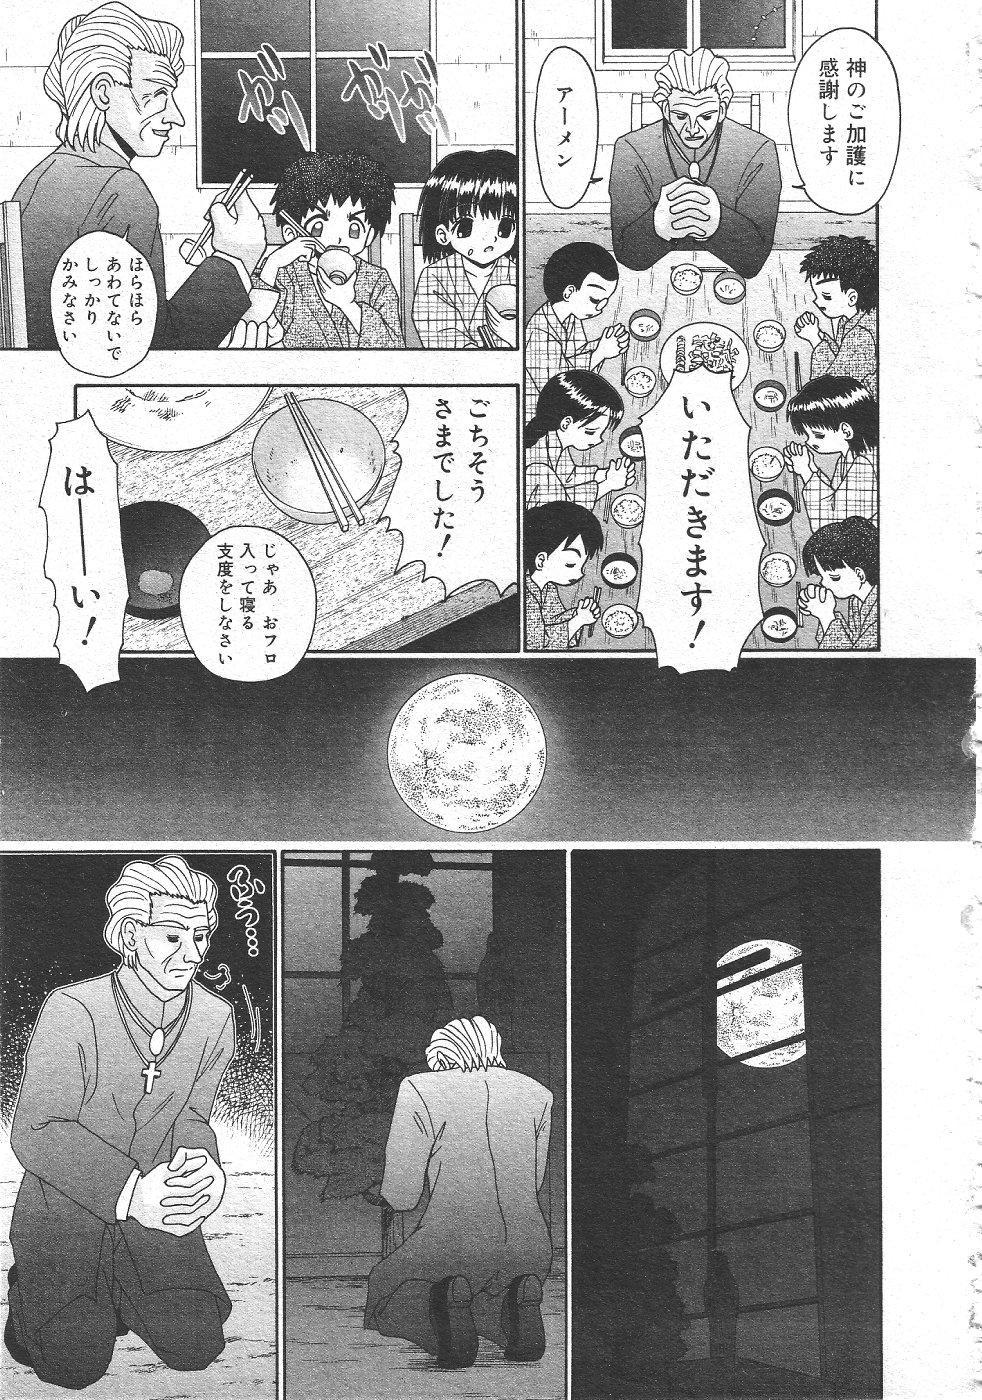 Gekkan Comic Muga 2004-06 Vol.10 134